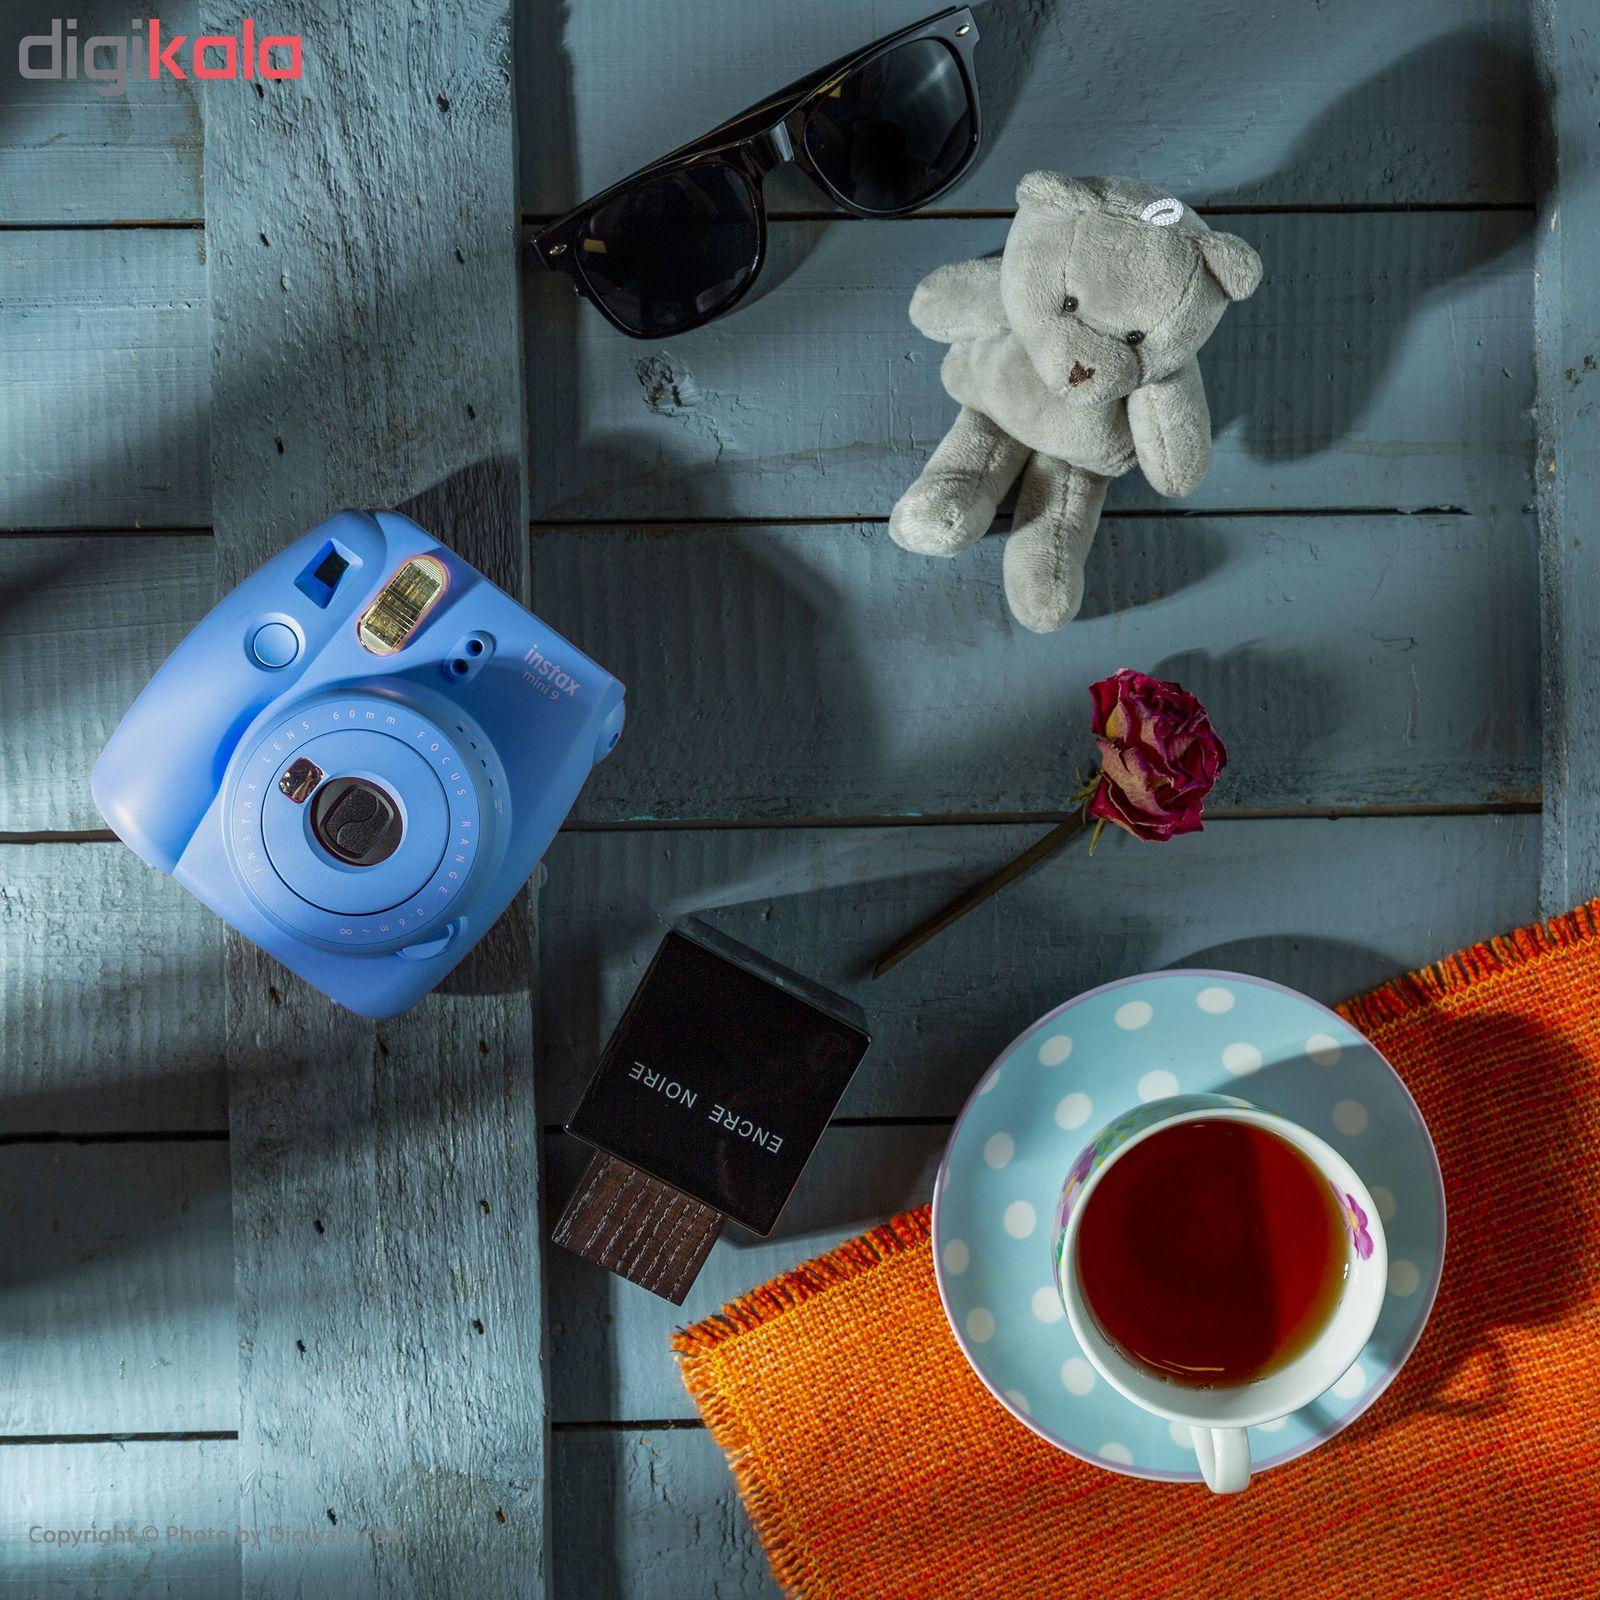 دوربین عکاسی چاپ سریع فوجی فیلم مدل Instax Mini 9 main 1 10